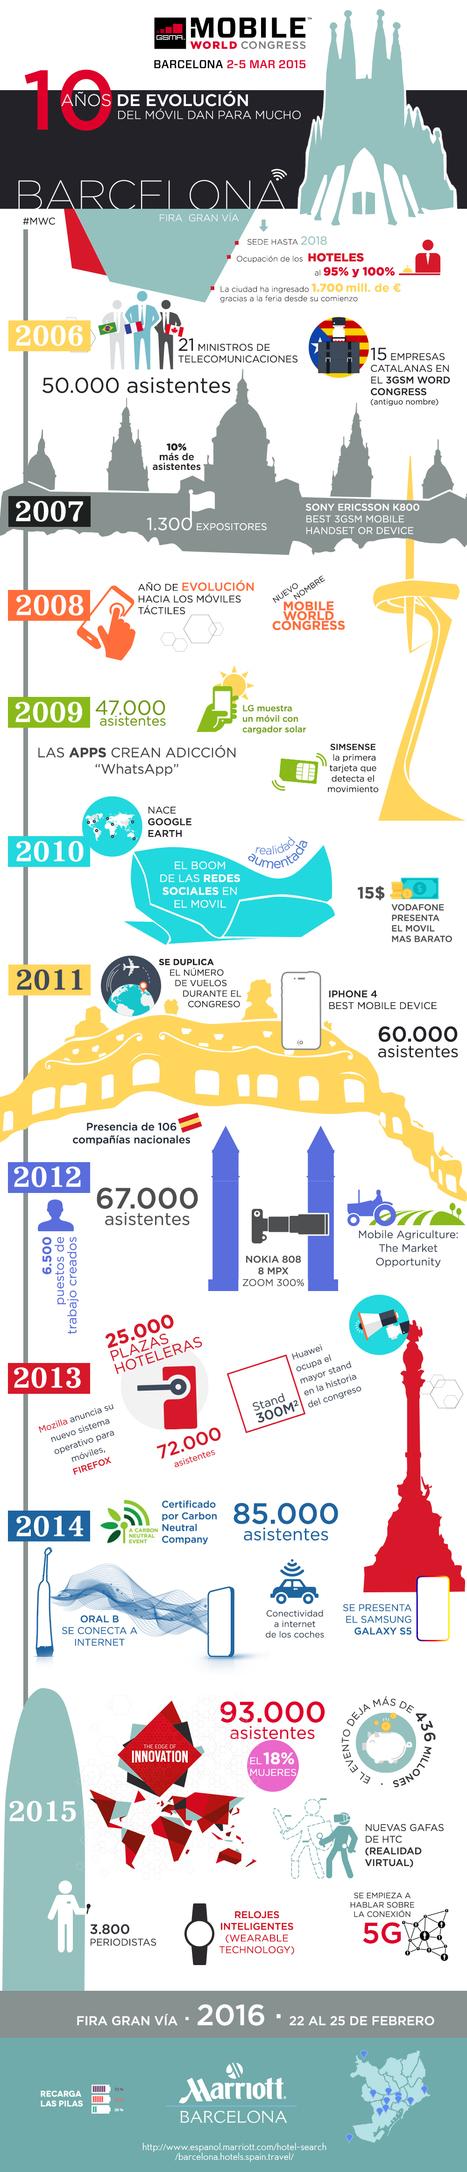 #MobileWorldCongress: Los 10 años del MWC en Barcelona, en cifras (infografía)   Web & Mobile Tech - Resources & News   Scoop.it